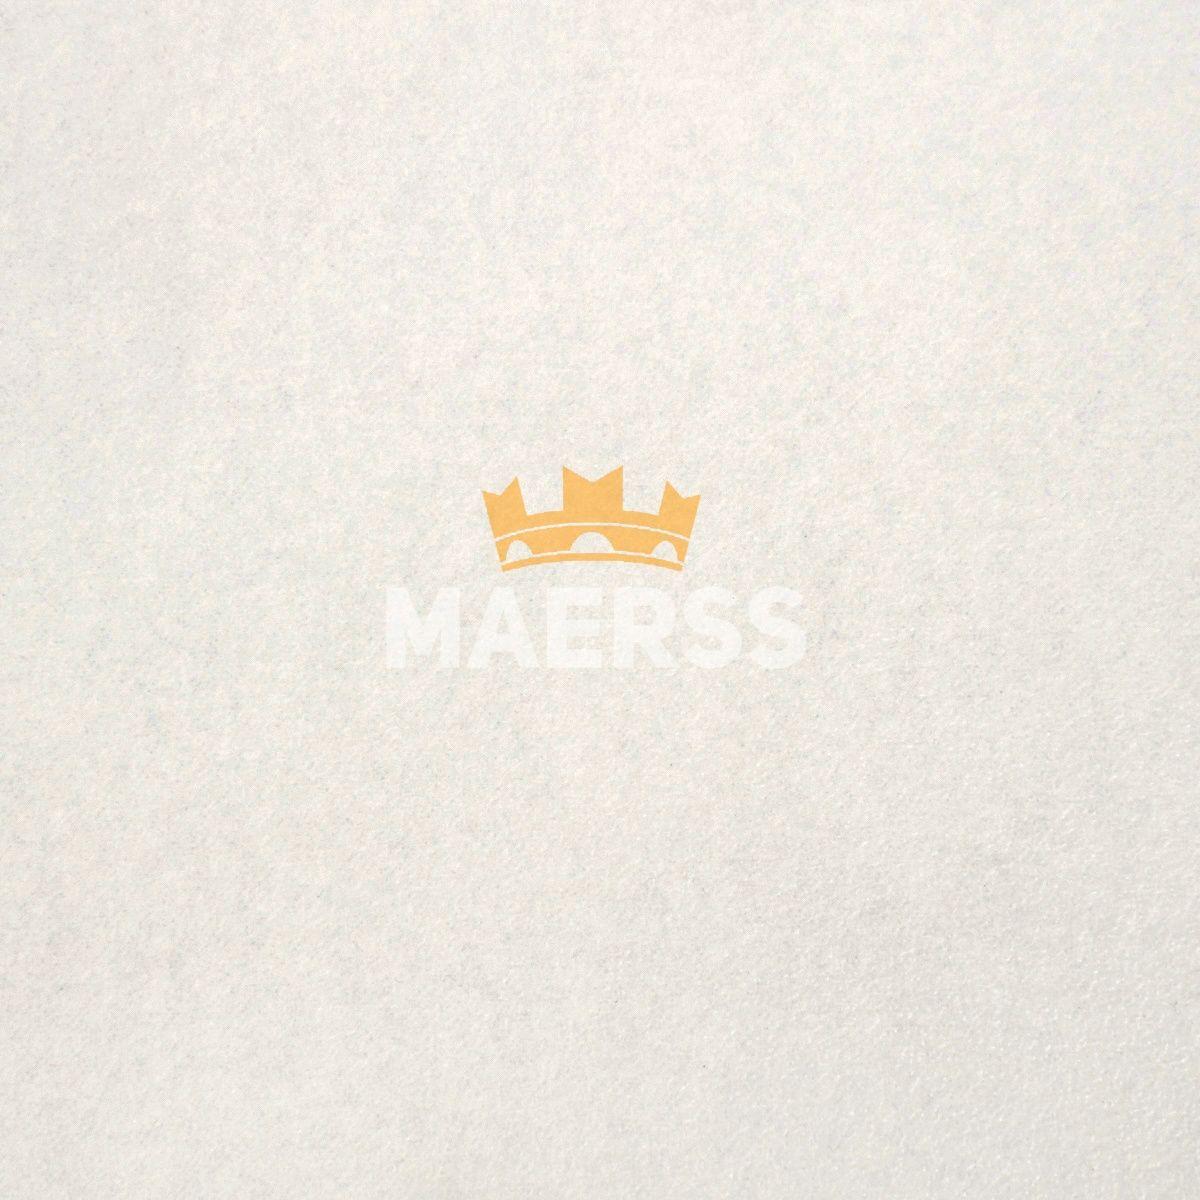 Столешница матовая 1110/S 1гр. Белый ДСП / Пластик купить в интернет-магазине МАЕРСС